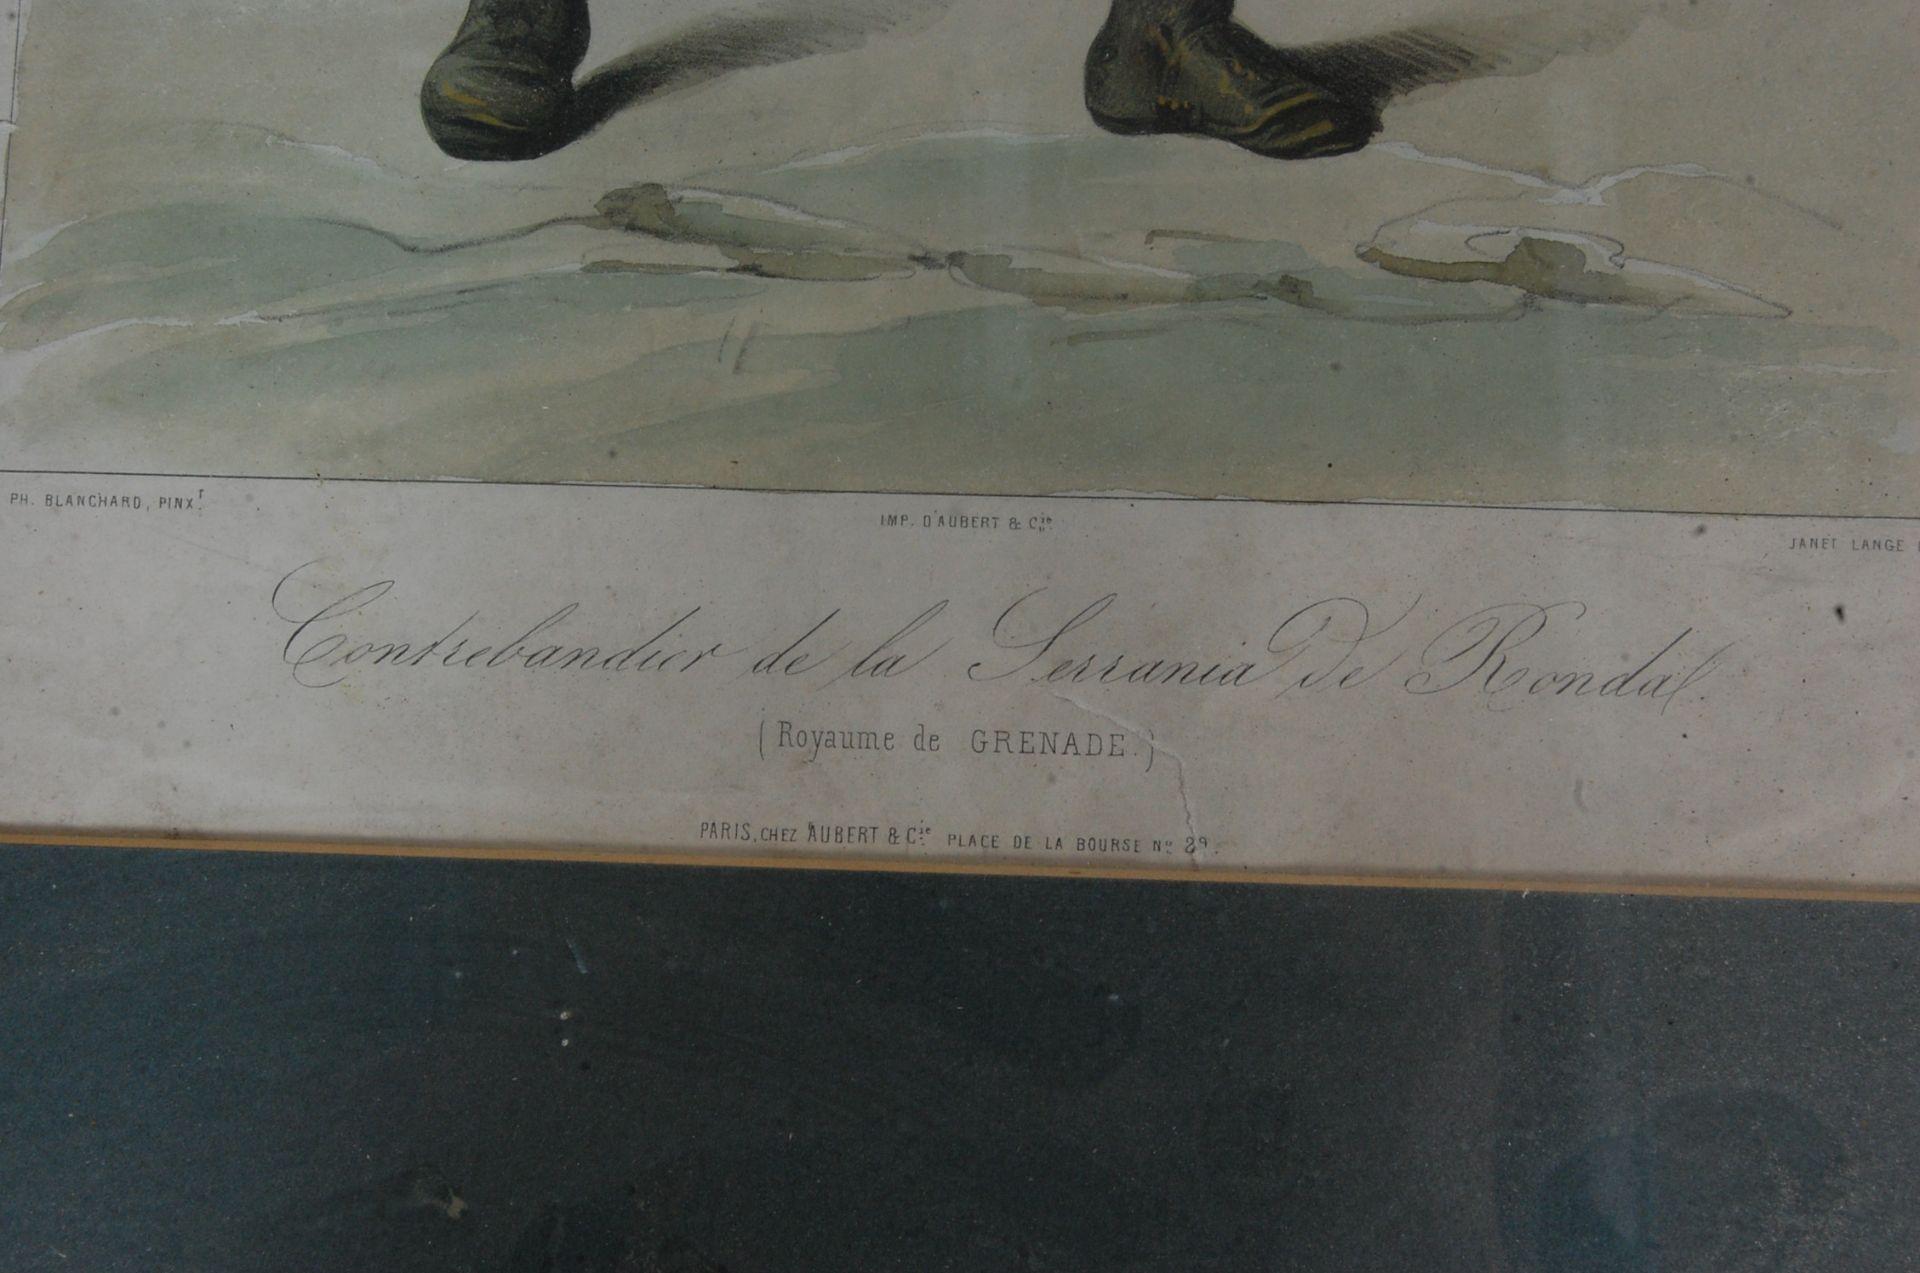 ANTIQUE 19TH CENTURY LITHOGRAPHS PEINTS / ETCHING PLATES - Bild 4 aus 16